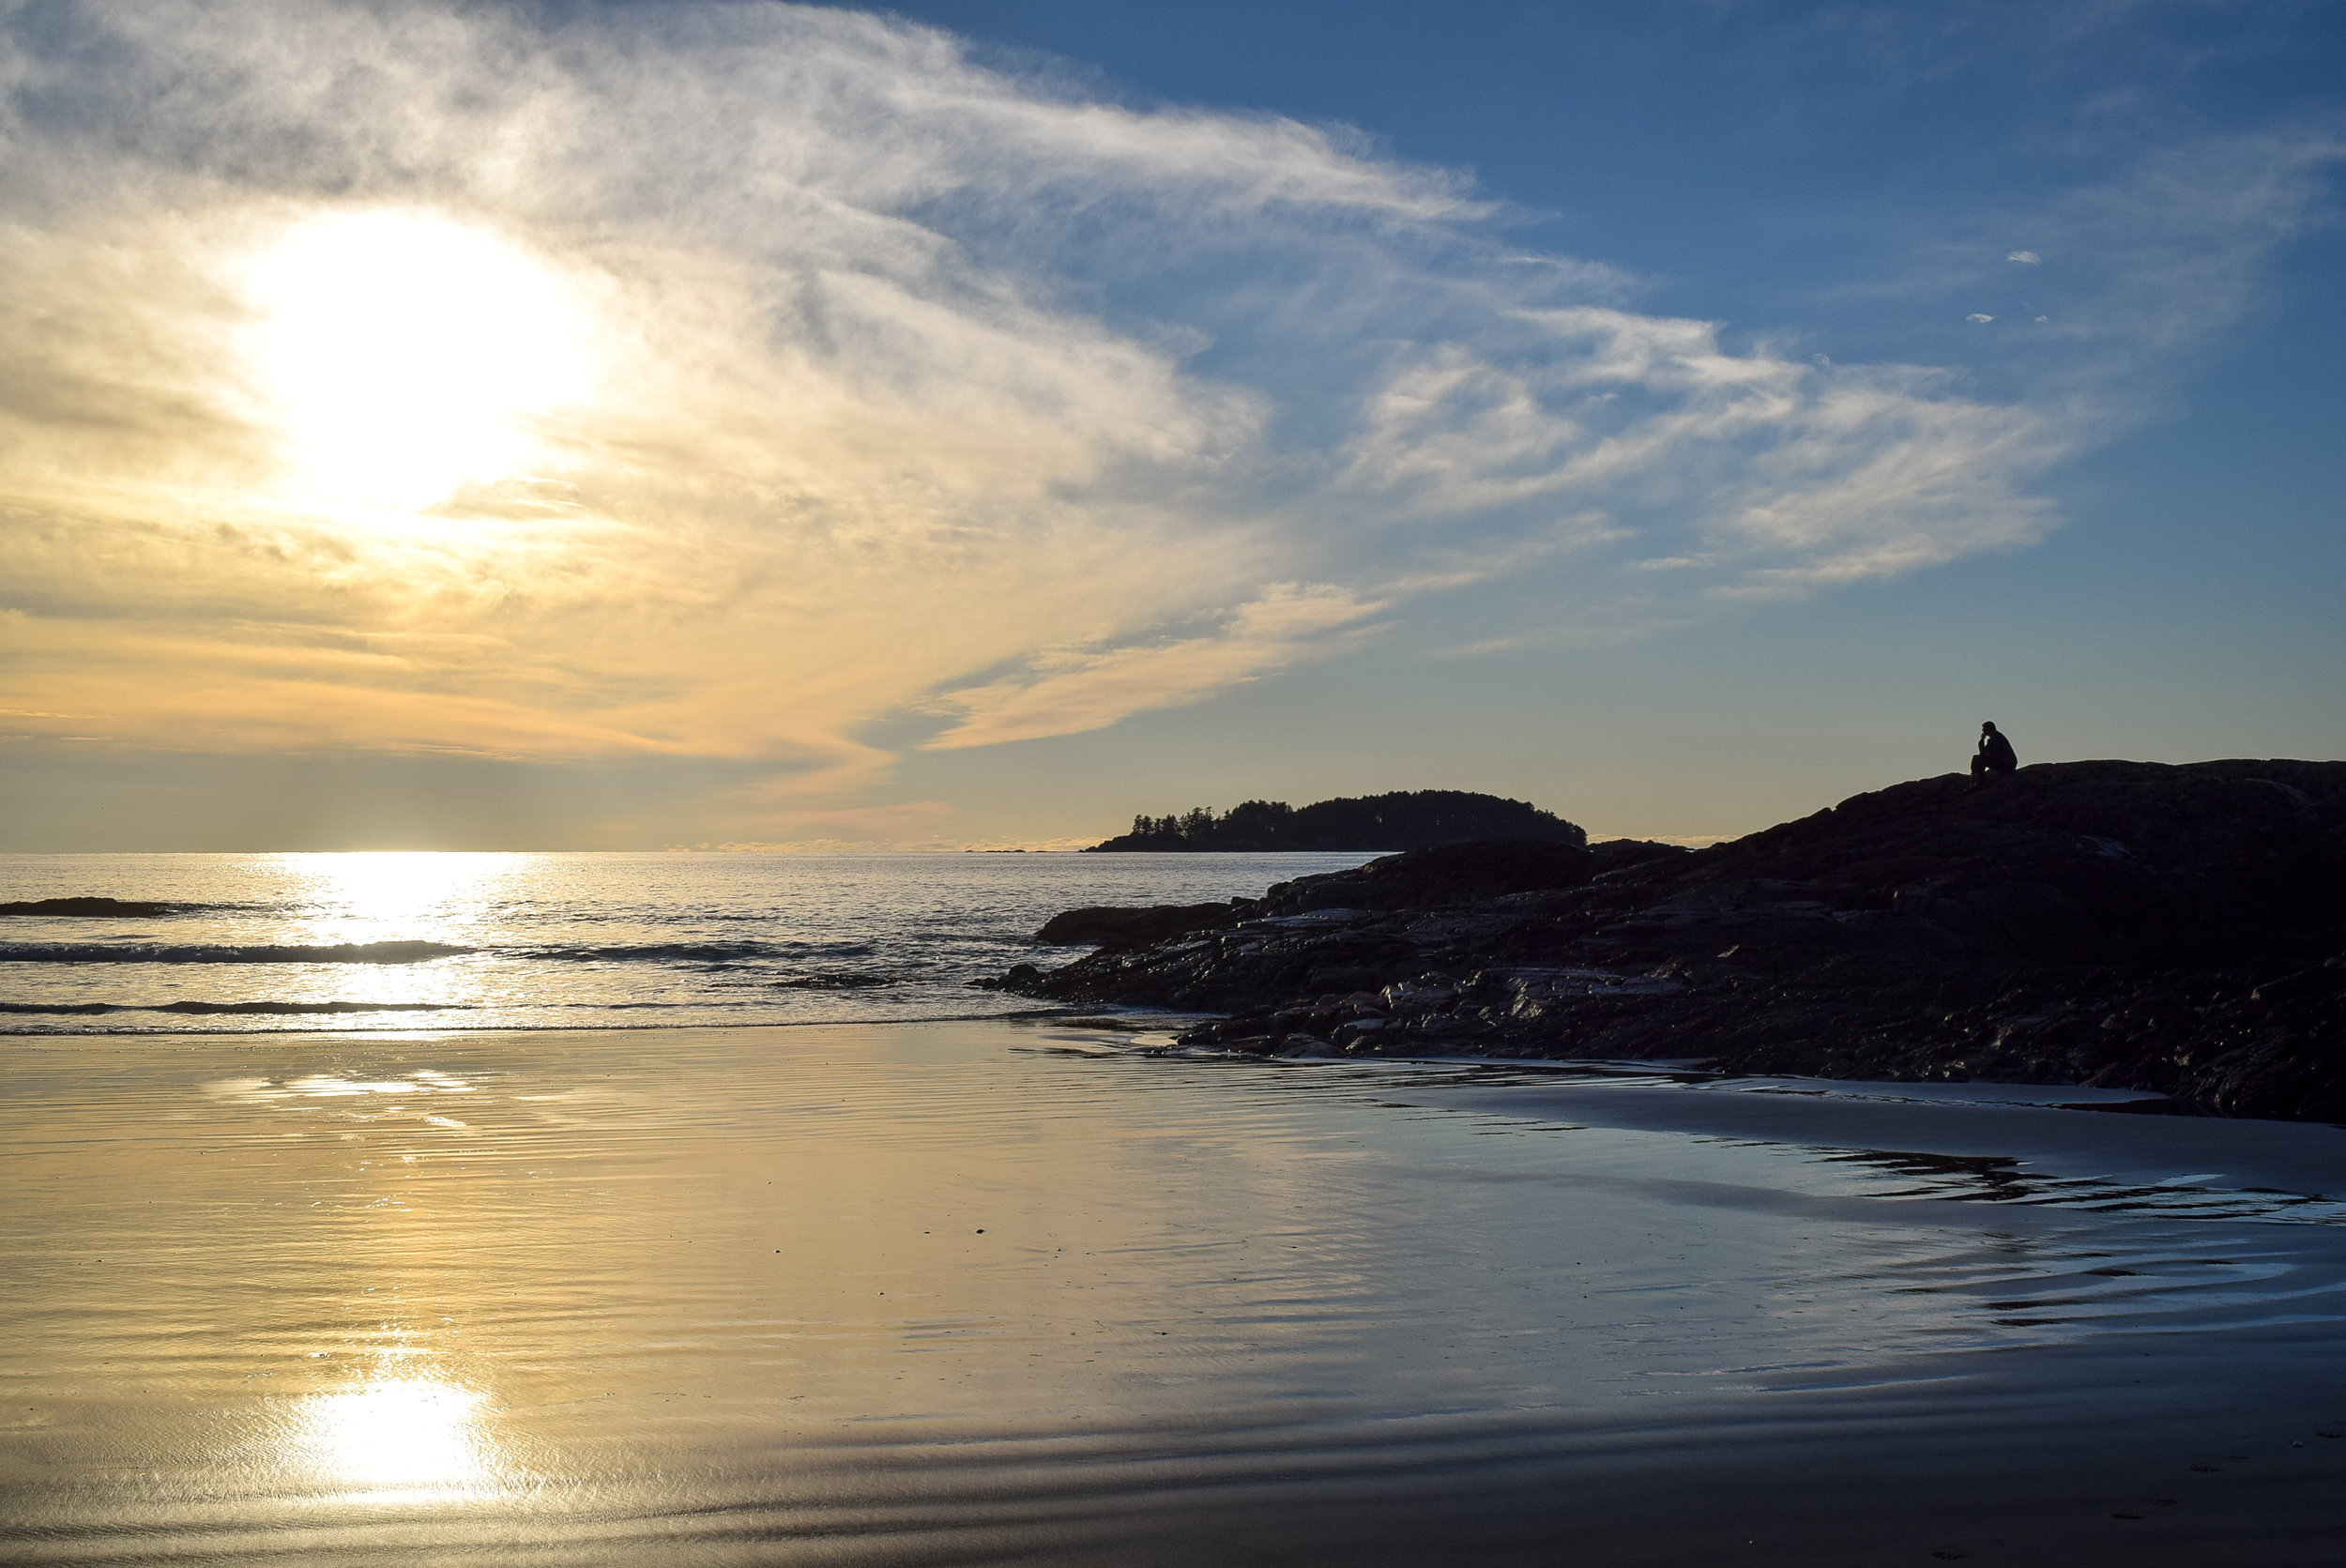 Sunset at Chesterman Beach in Tofino